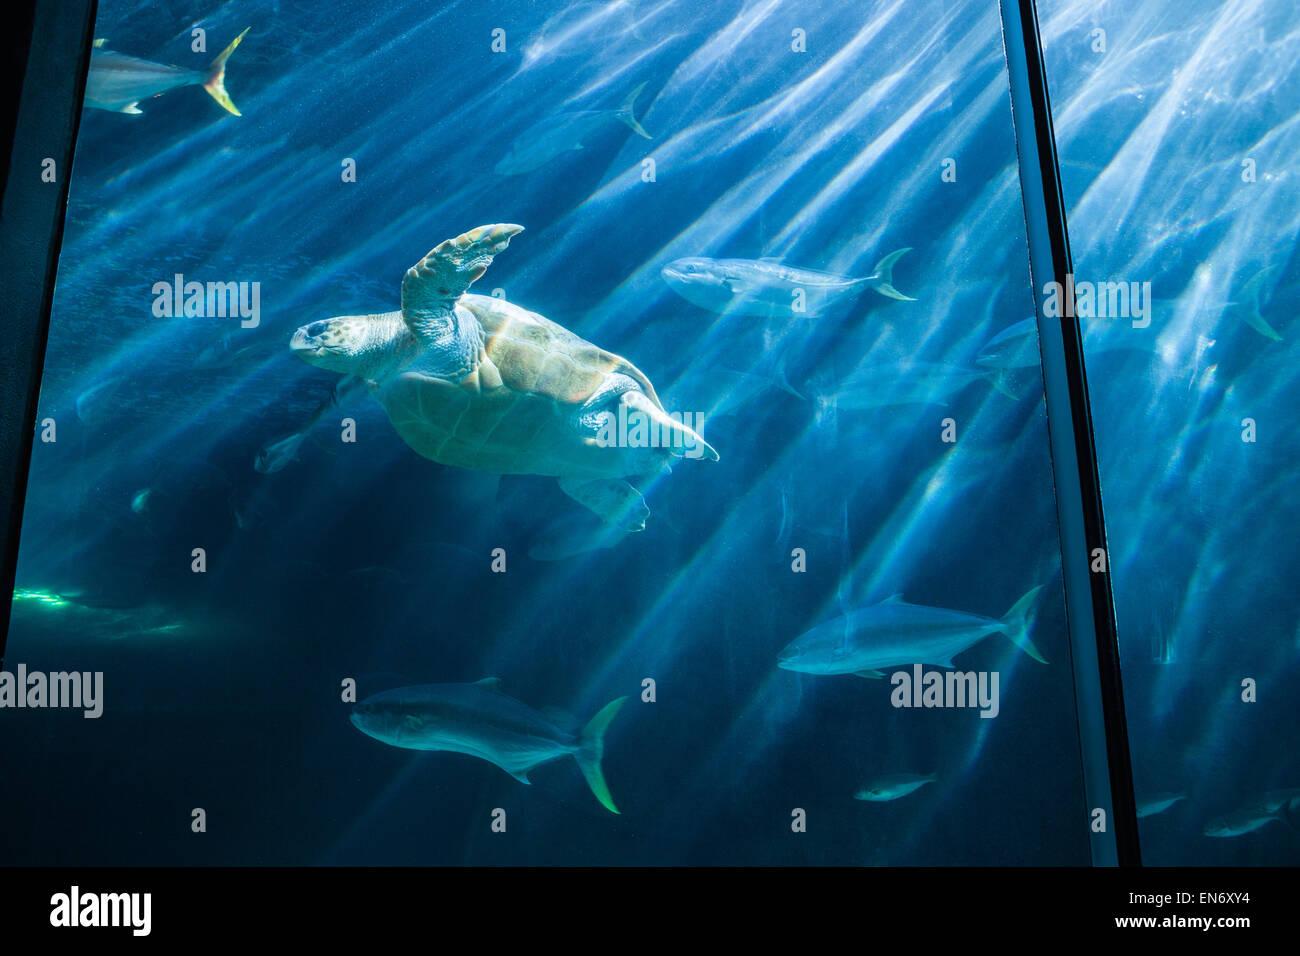 Fish in tank swimming - Stock Photo Turtle Swimming In Fish Tank